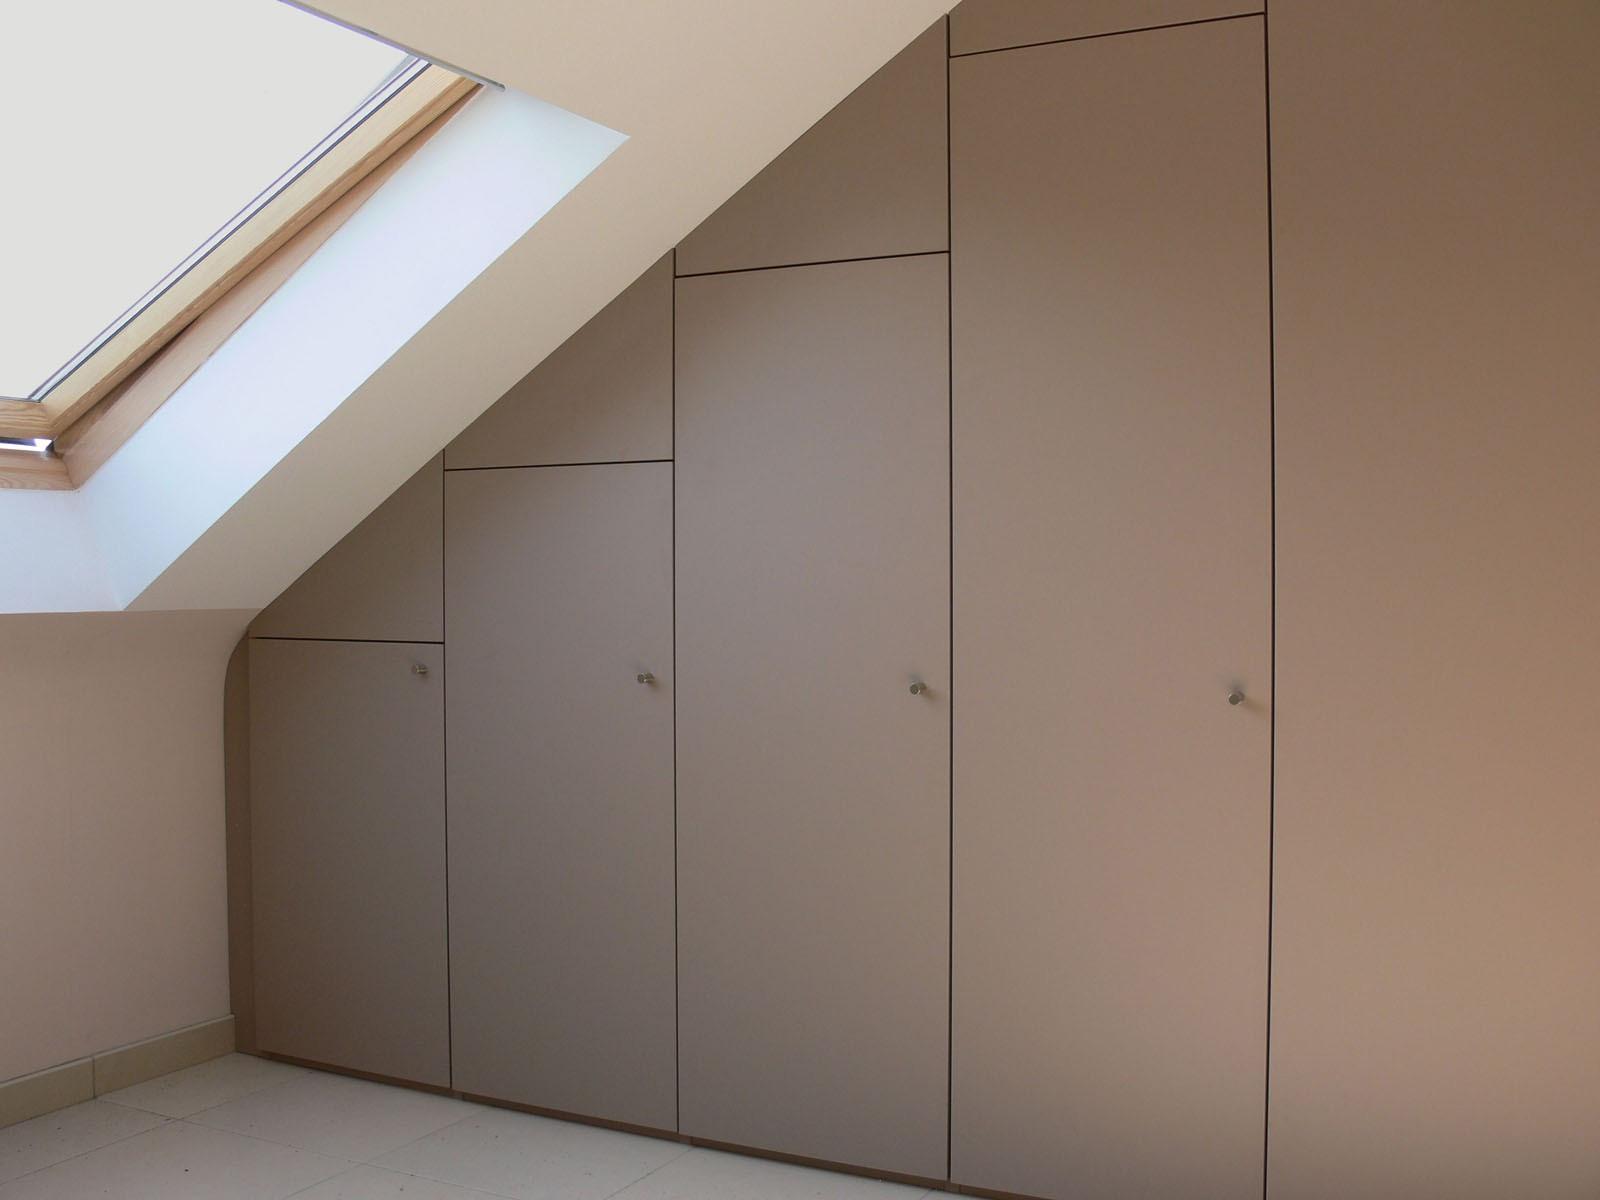 Praxis Kasten Slaapkamer : Wandlamp slaapkamer praxis referenties op huis ontwerp